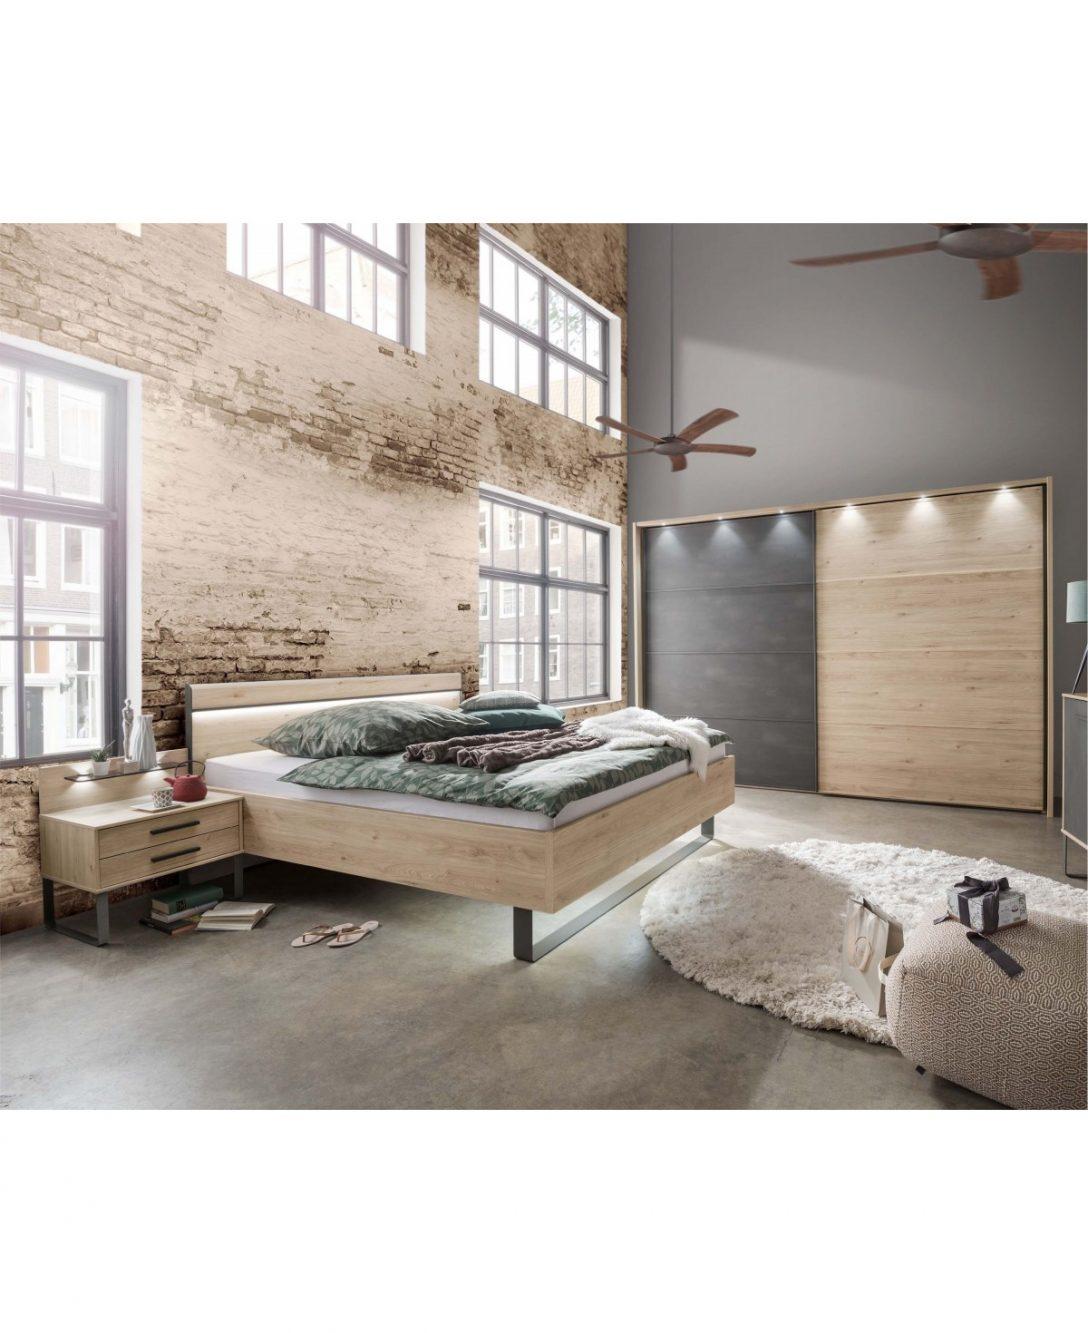 Large Size of Wiemann Schlafzimmer Brssel Schrank Bett Nachttisch 180x200 Stuhl Midischrank Bad Kleiderschrank Mit Regal Spiegelschrank Beleuchtung Unterschrank Holz Schlafzimmer Schrank Schlafzimmer